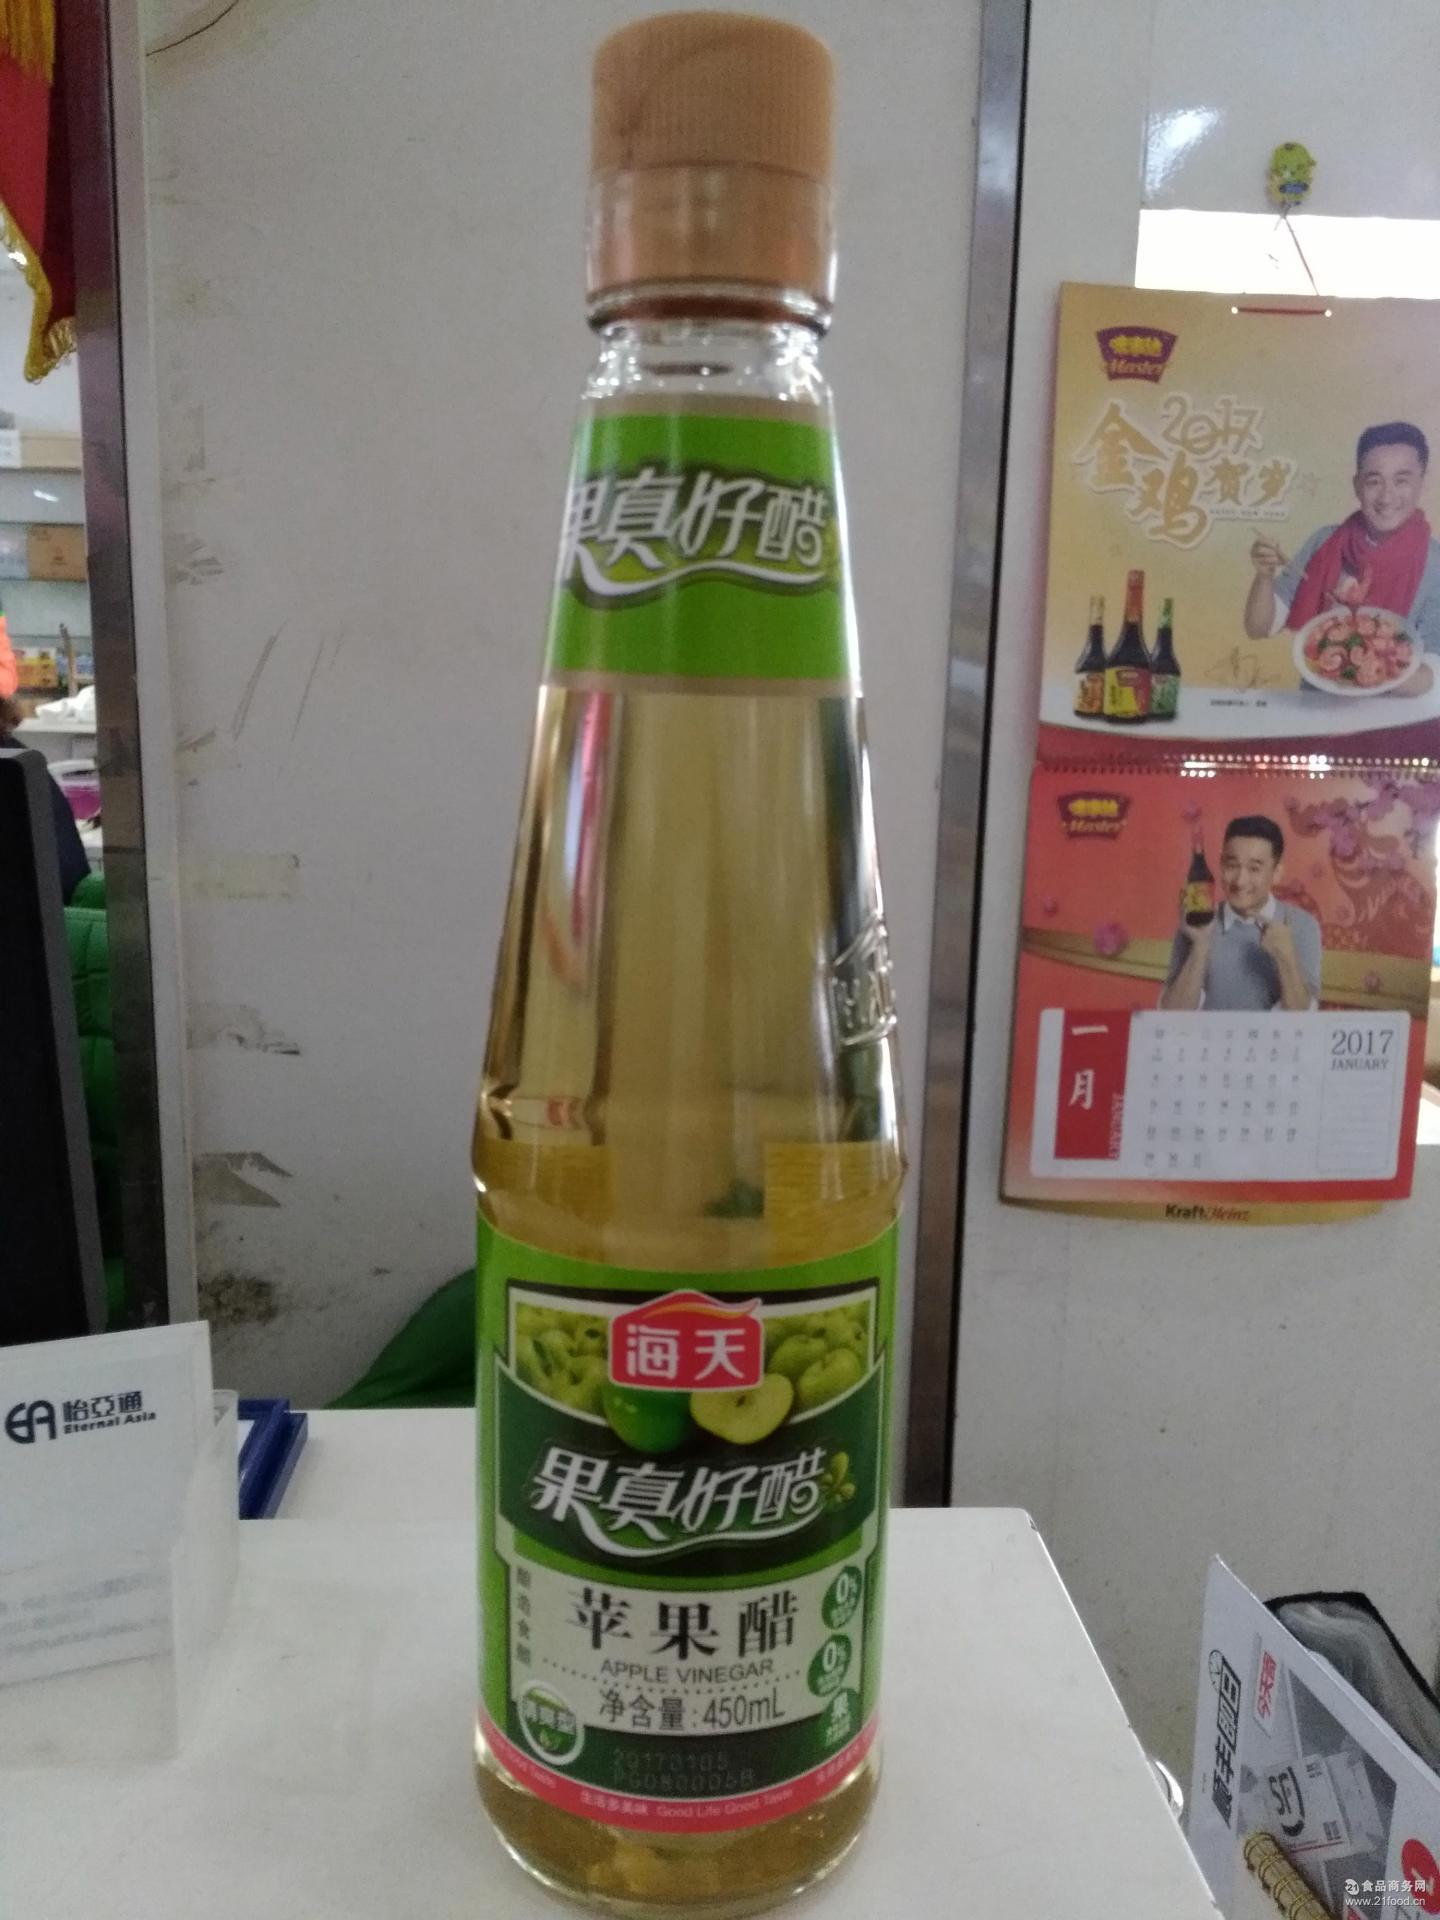 供应批发海天果真好醋苹果醋(北京海天经销商)